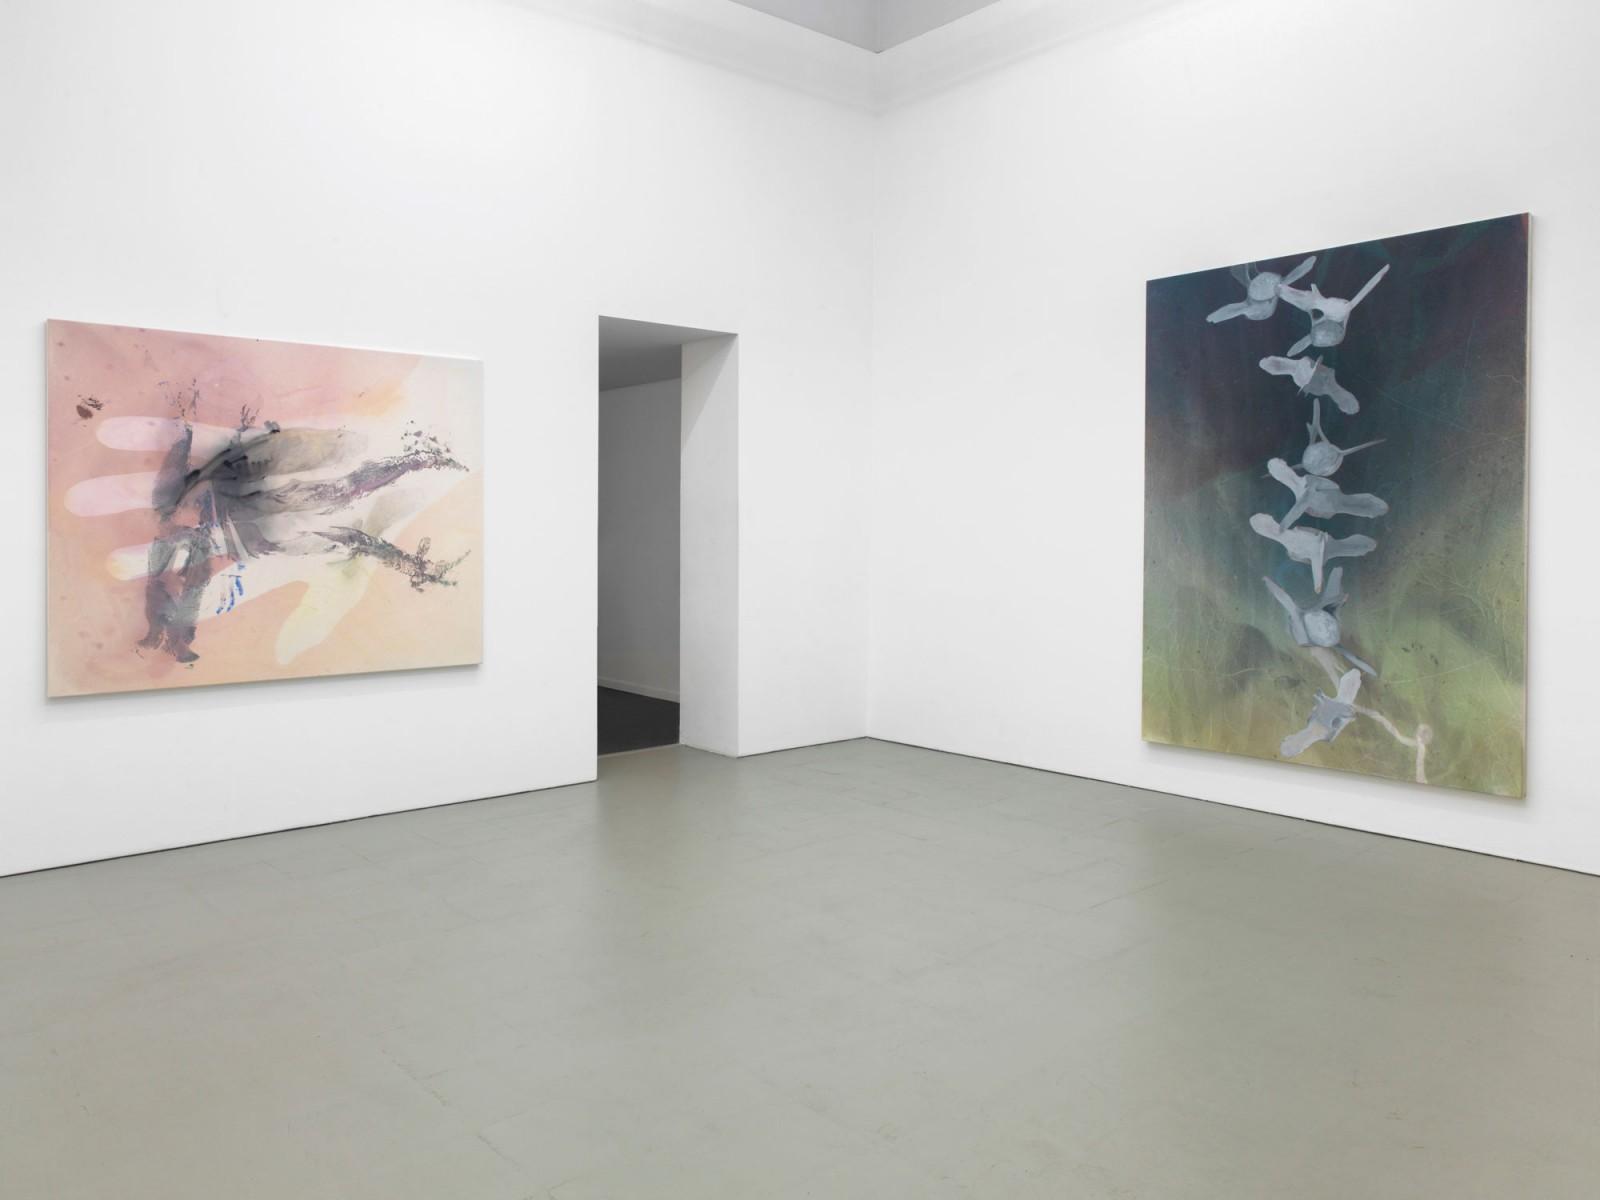 Kim Nekarda: spermwhales in limbo, 2017, Å+, berlin